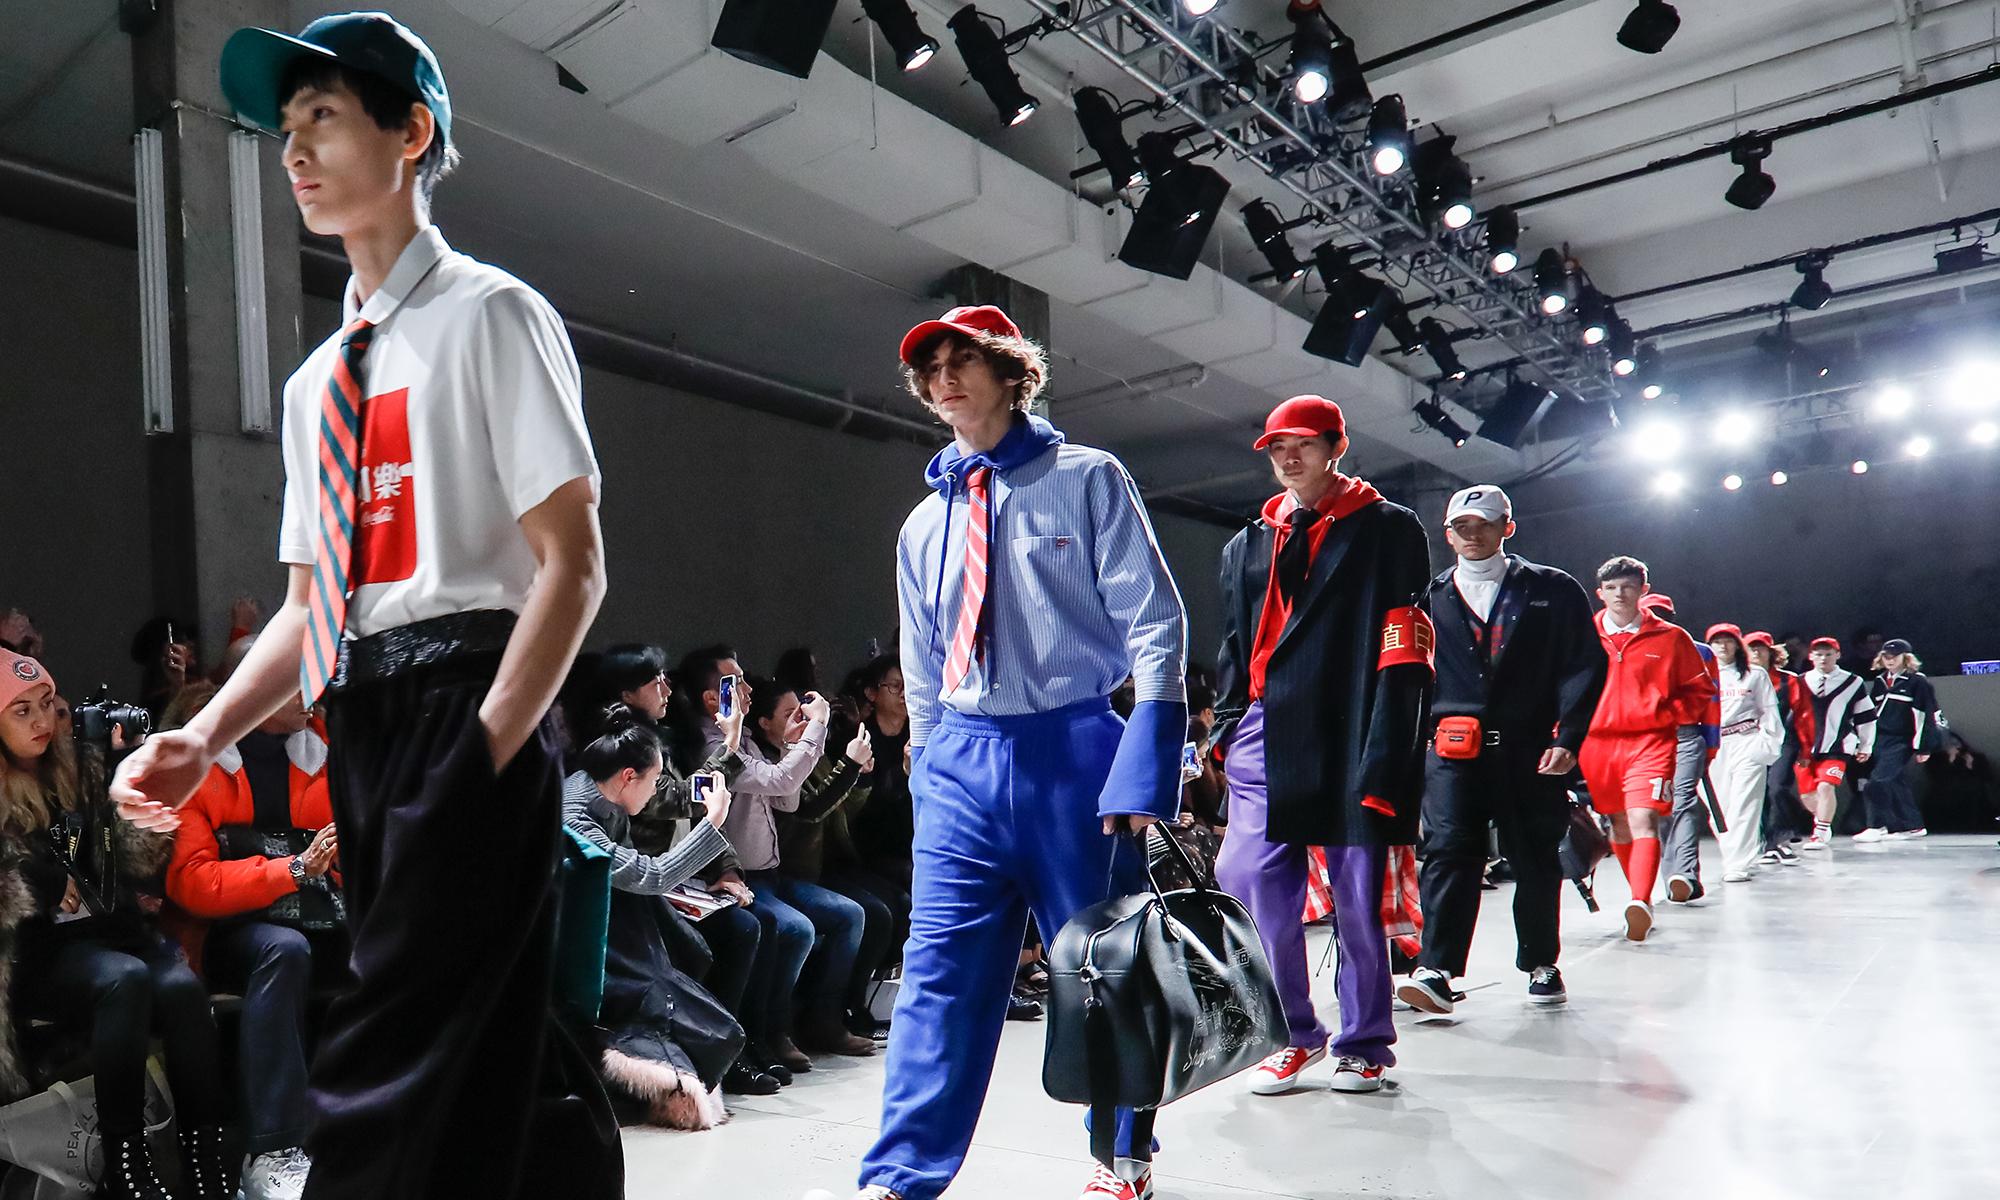 这场纽约秀展,是否预示着中国时装设计的未来?